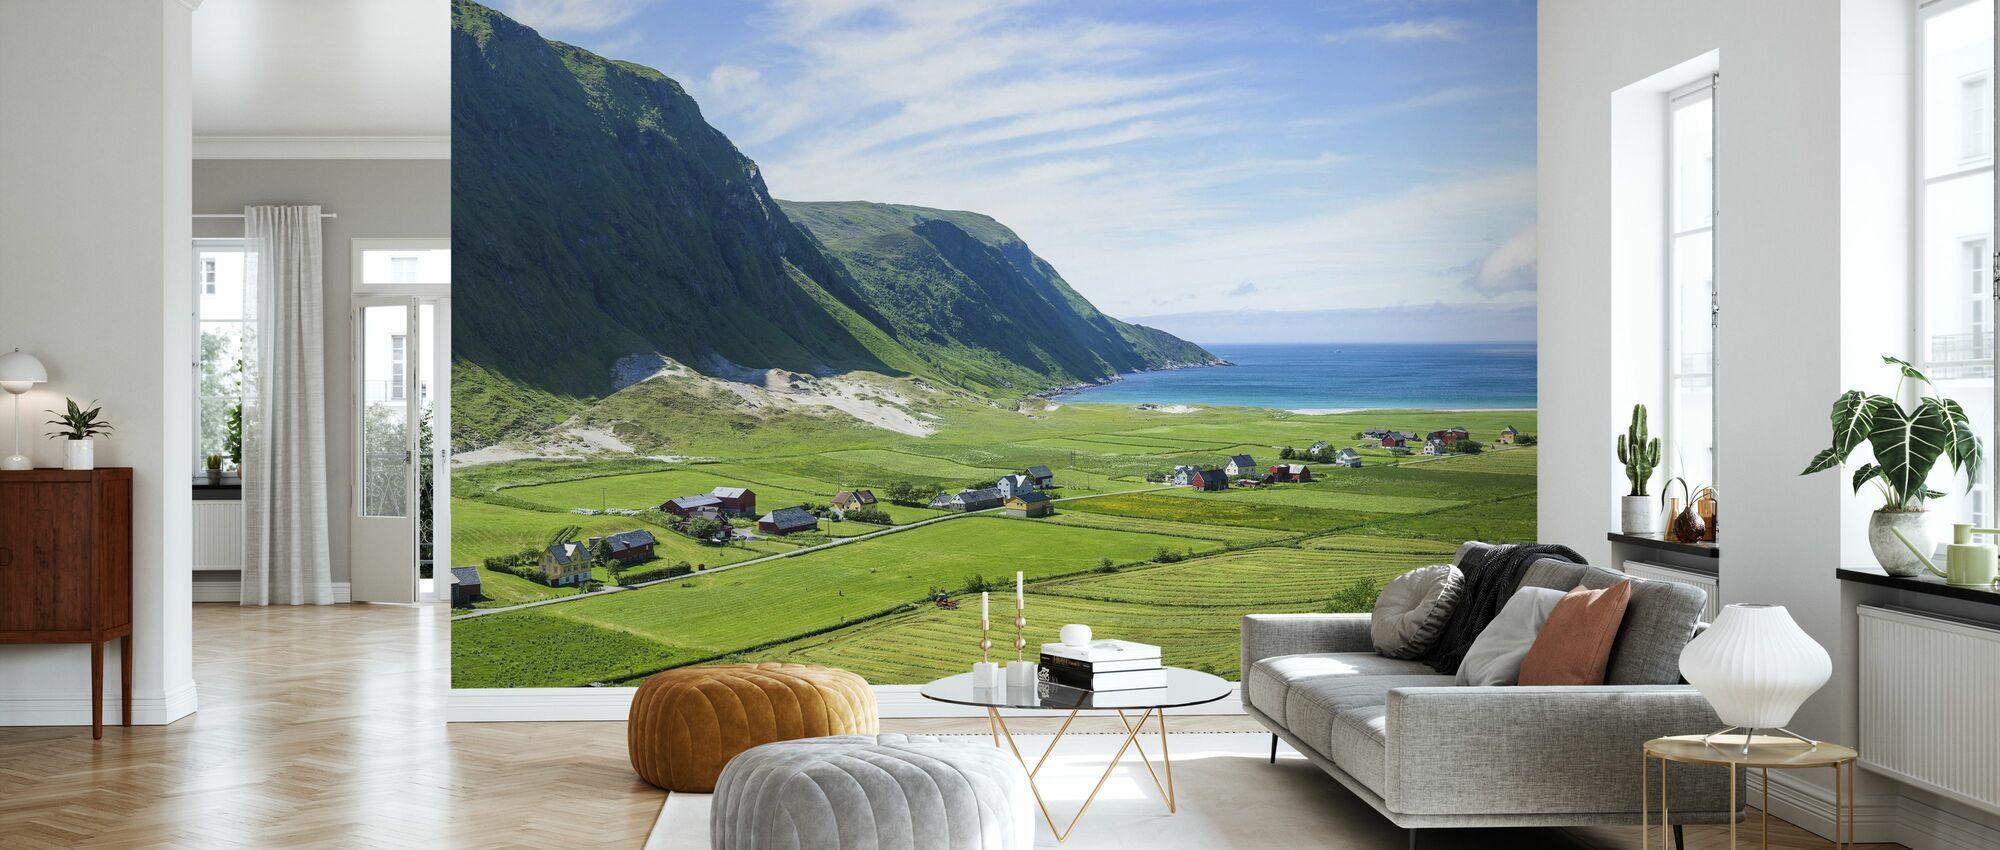 Bygninger Blant Grønne Fields, Norge - Tapet - Stue